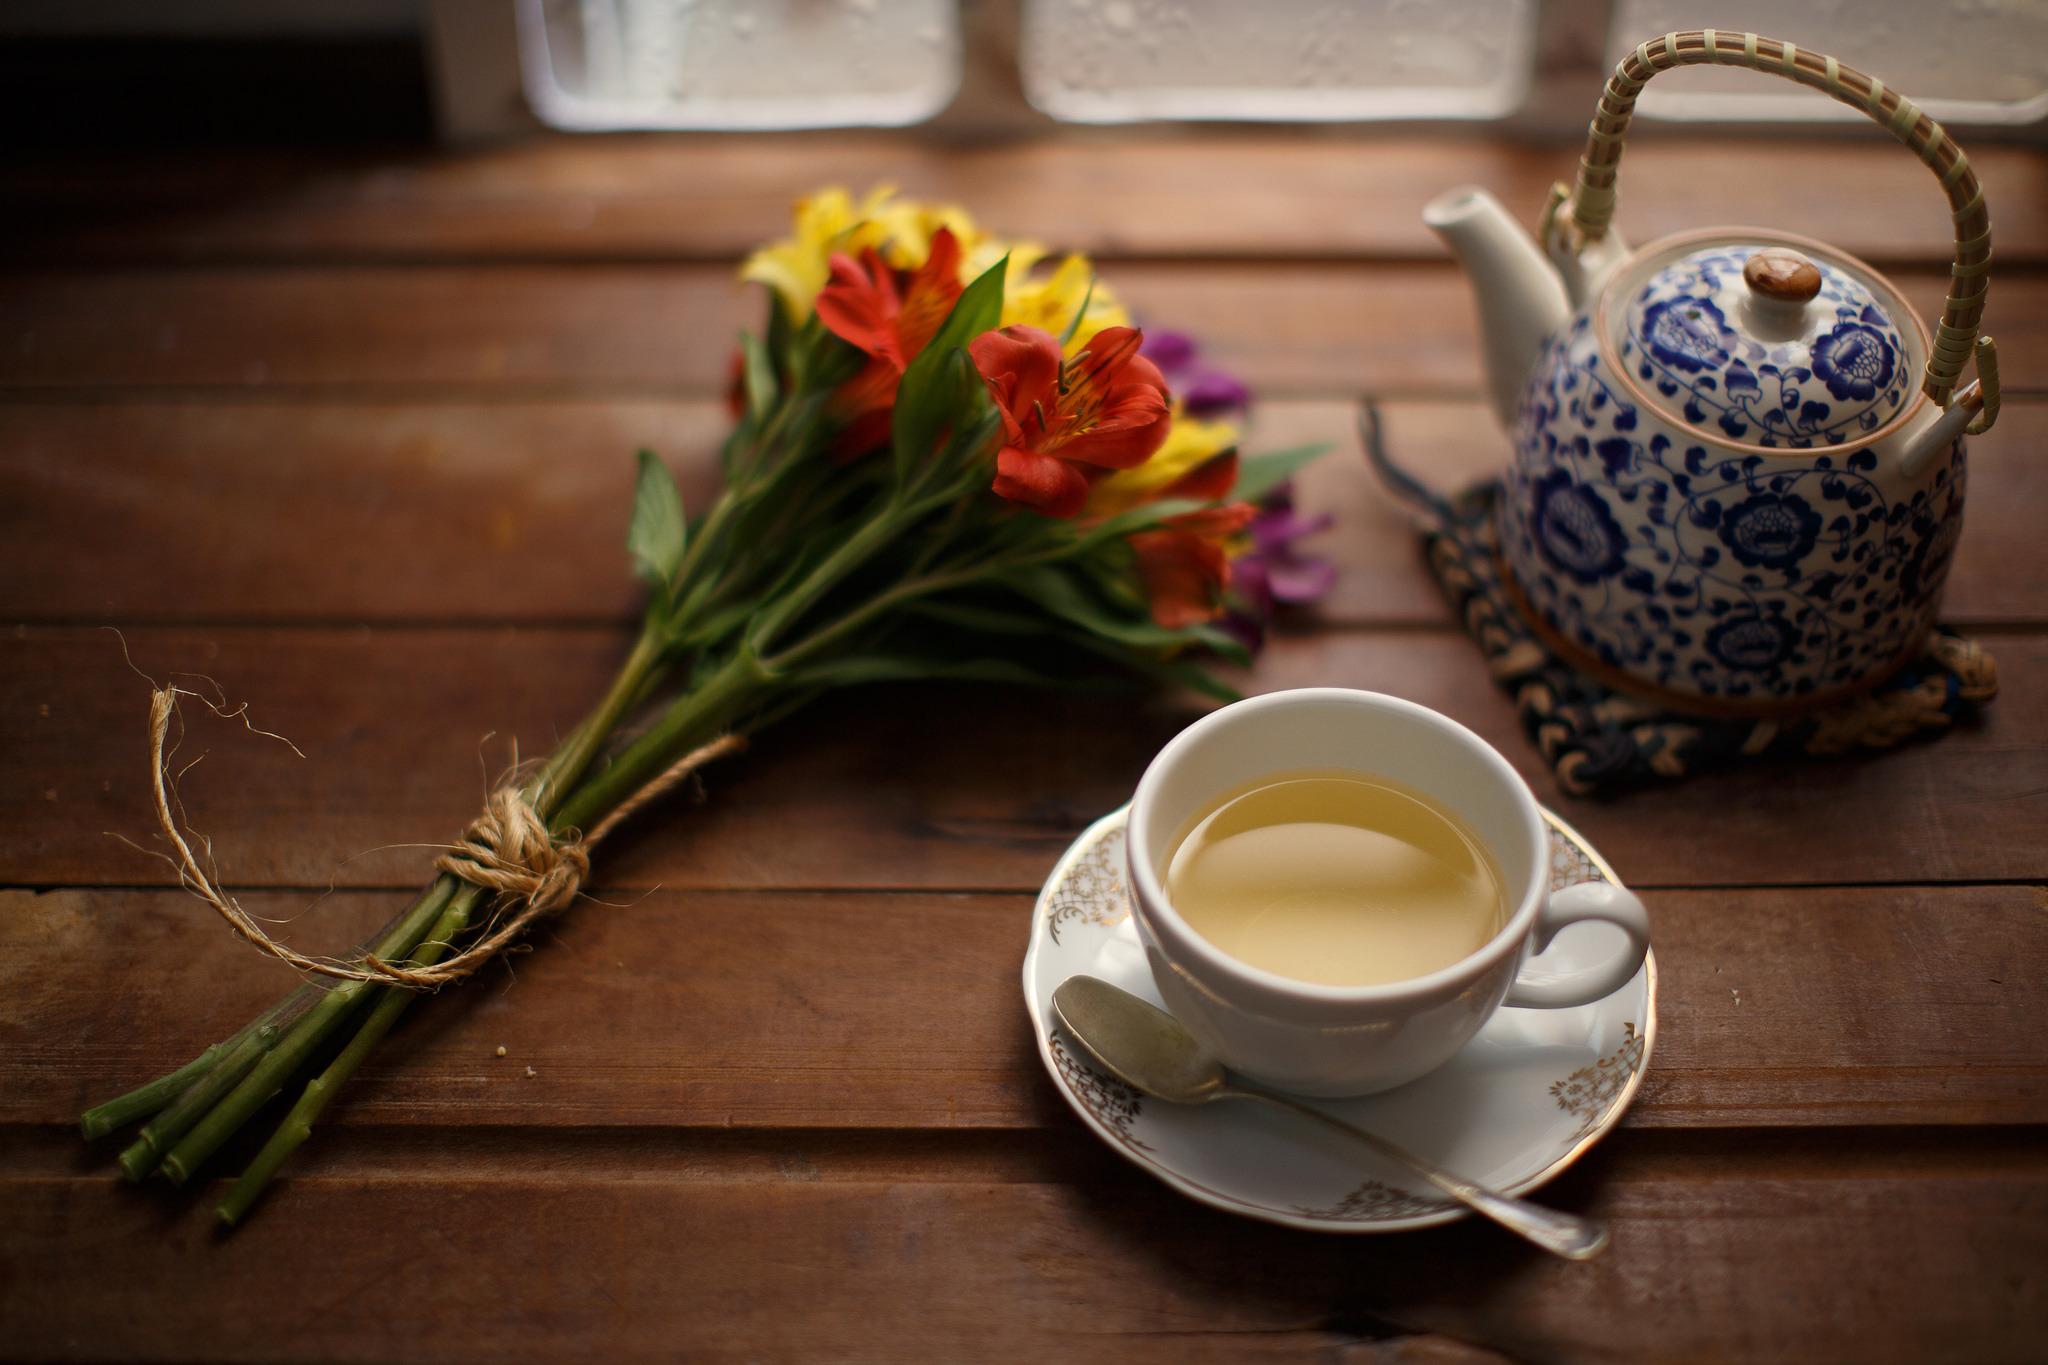 хлеб чай кружка чайник масло  № 2118886 без смс